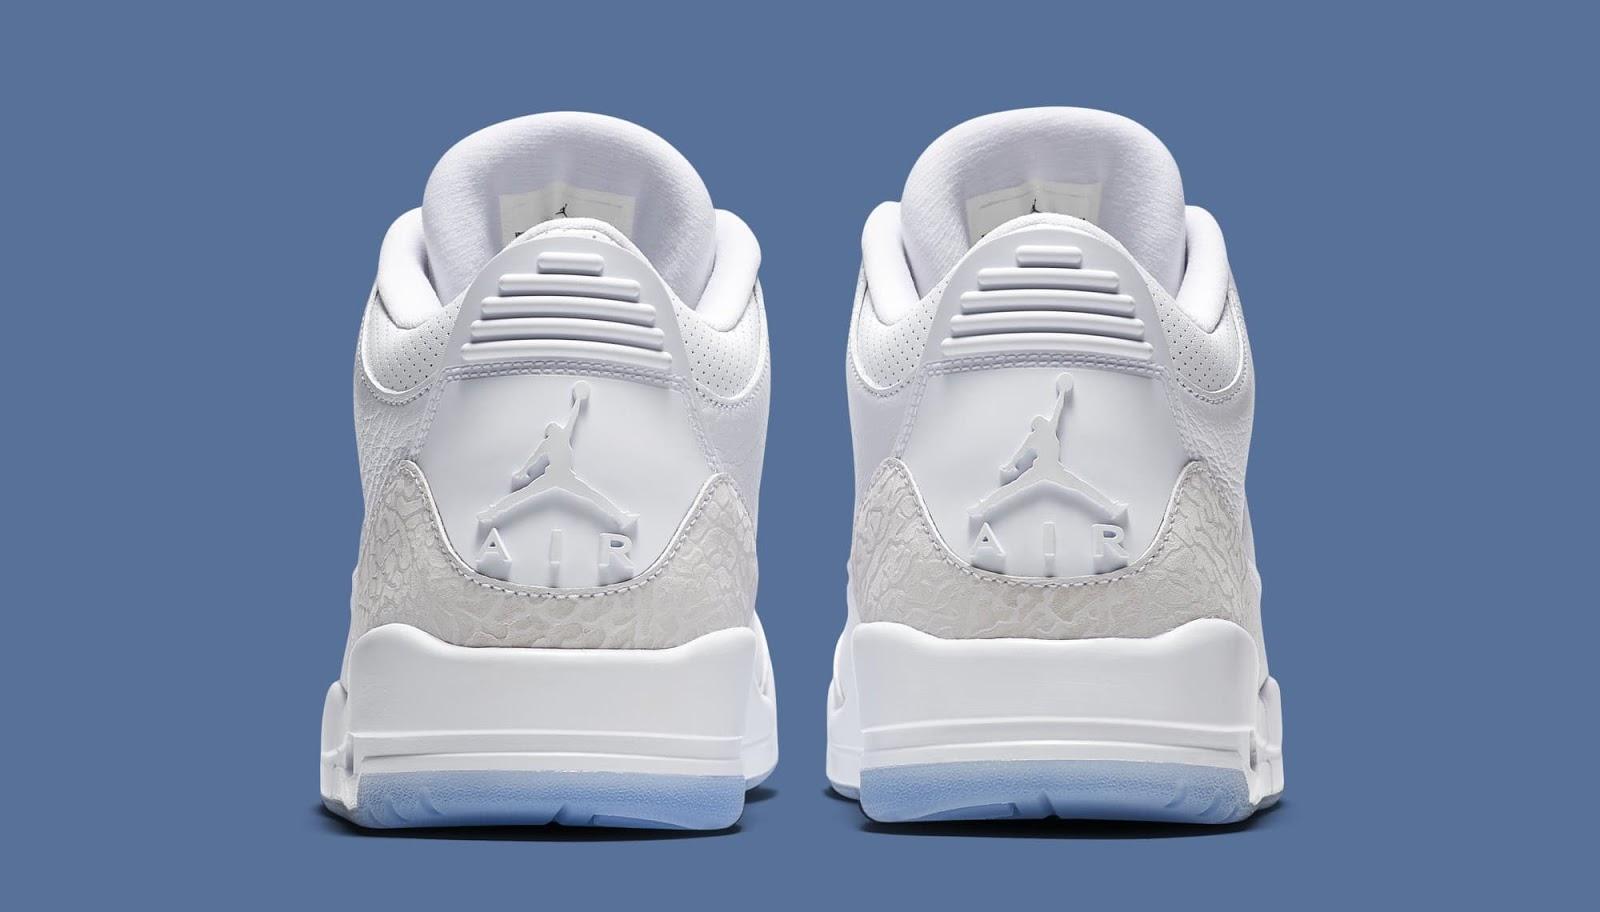 c1a3b5ceaa2 Swag Craze  First Look  Nike Air Jordan 3 Retro  Pure White